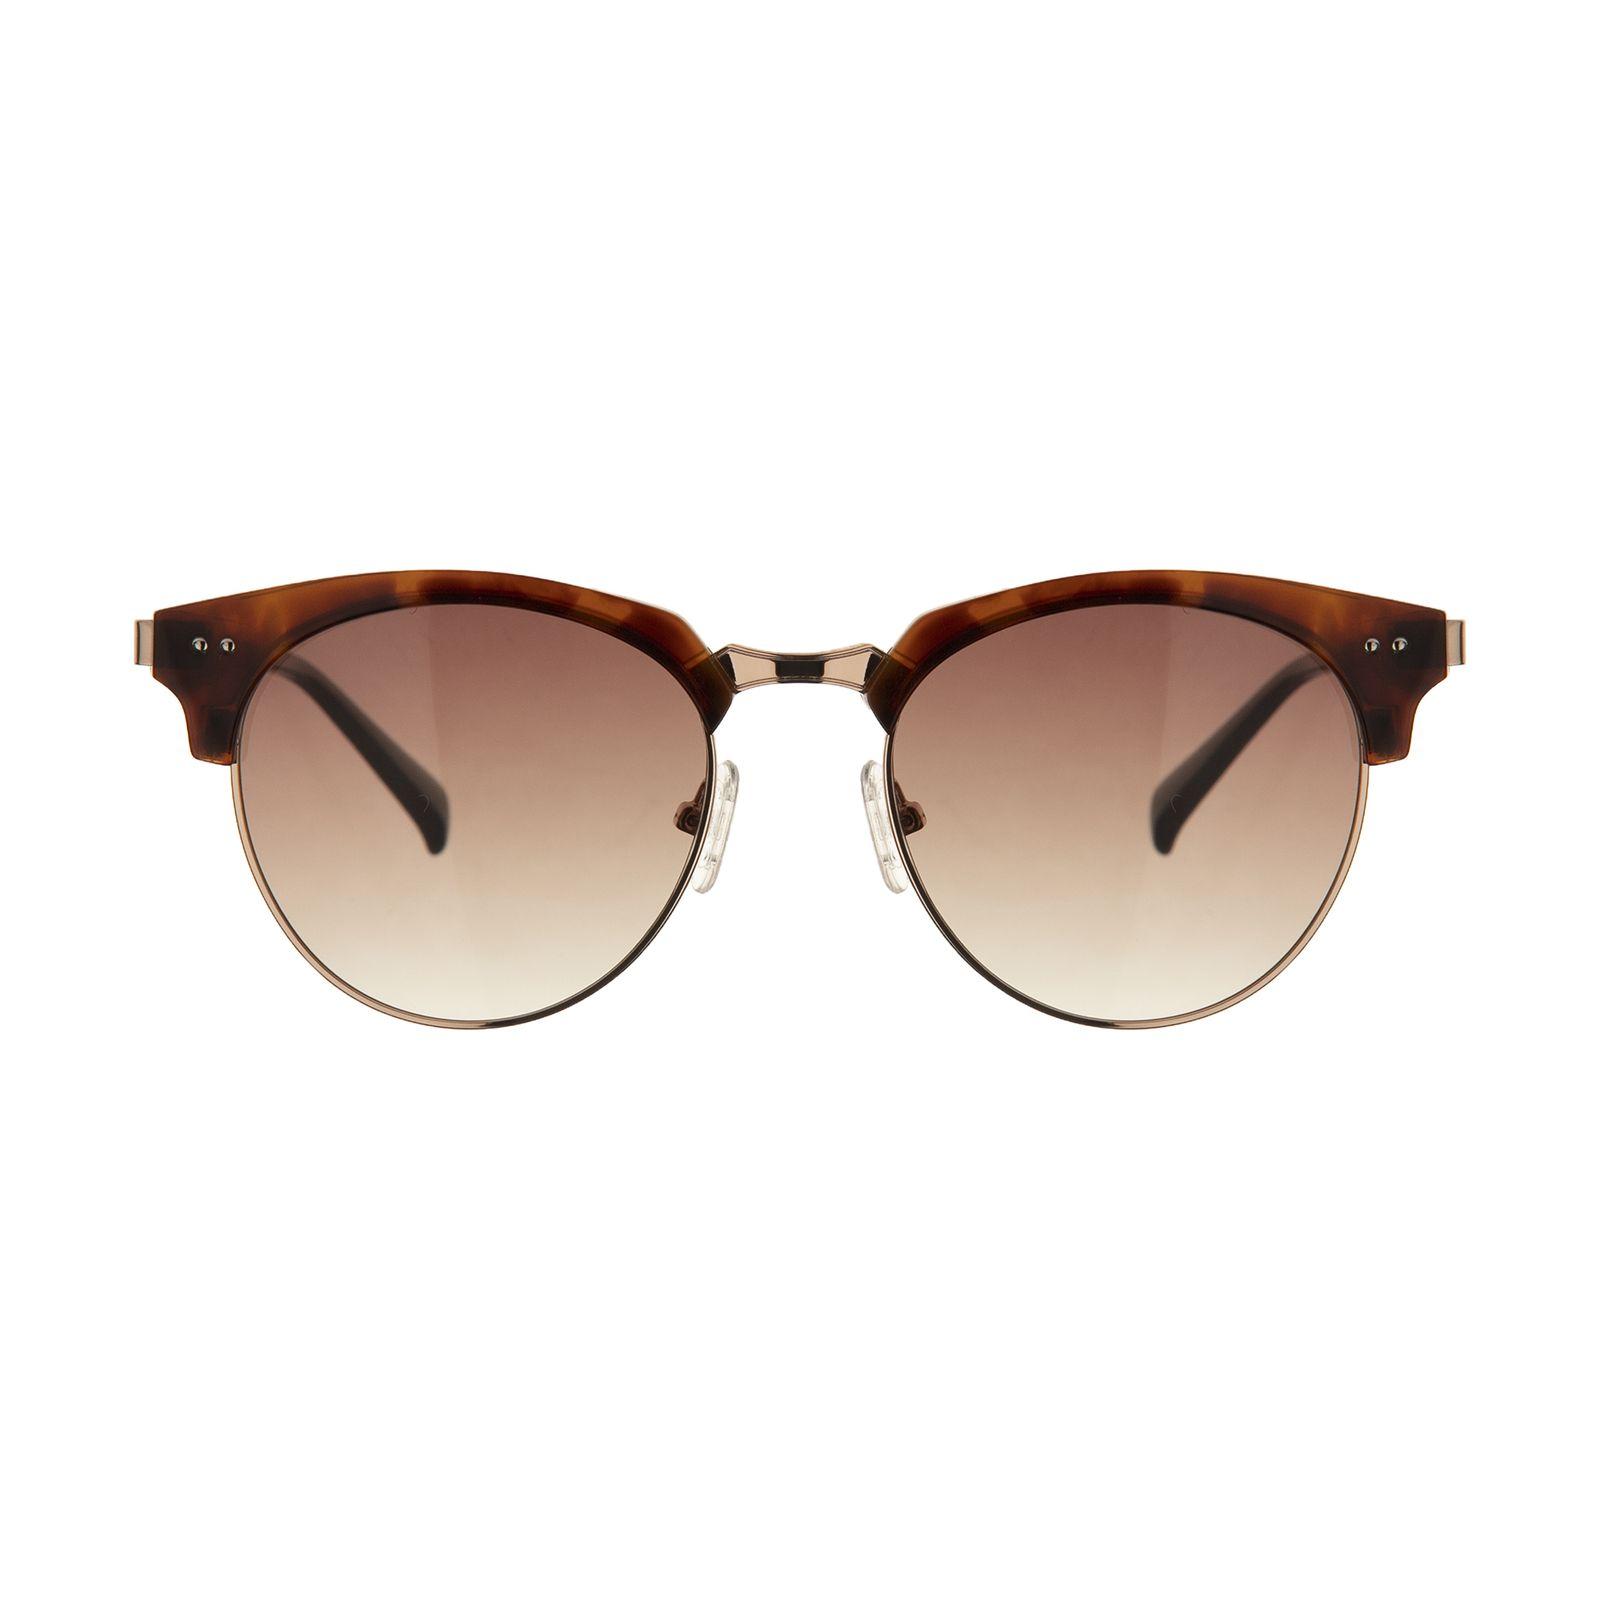 عینک آفتابی مردانه اف اس بی مدل 289-c C6 -  - 1